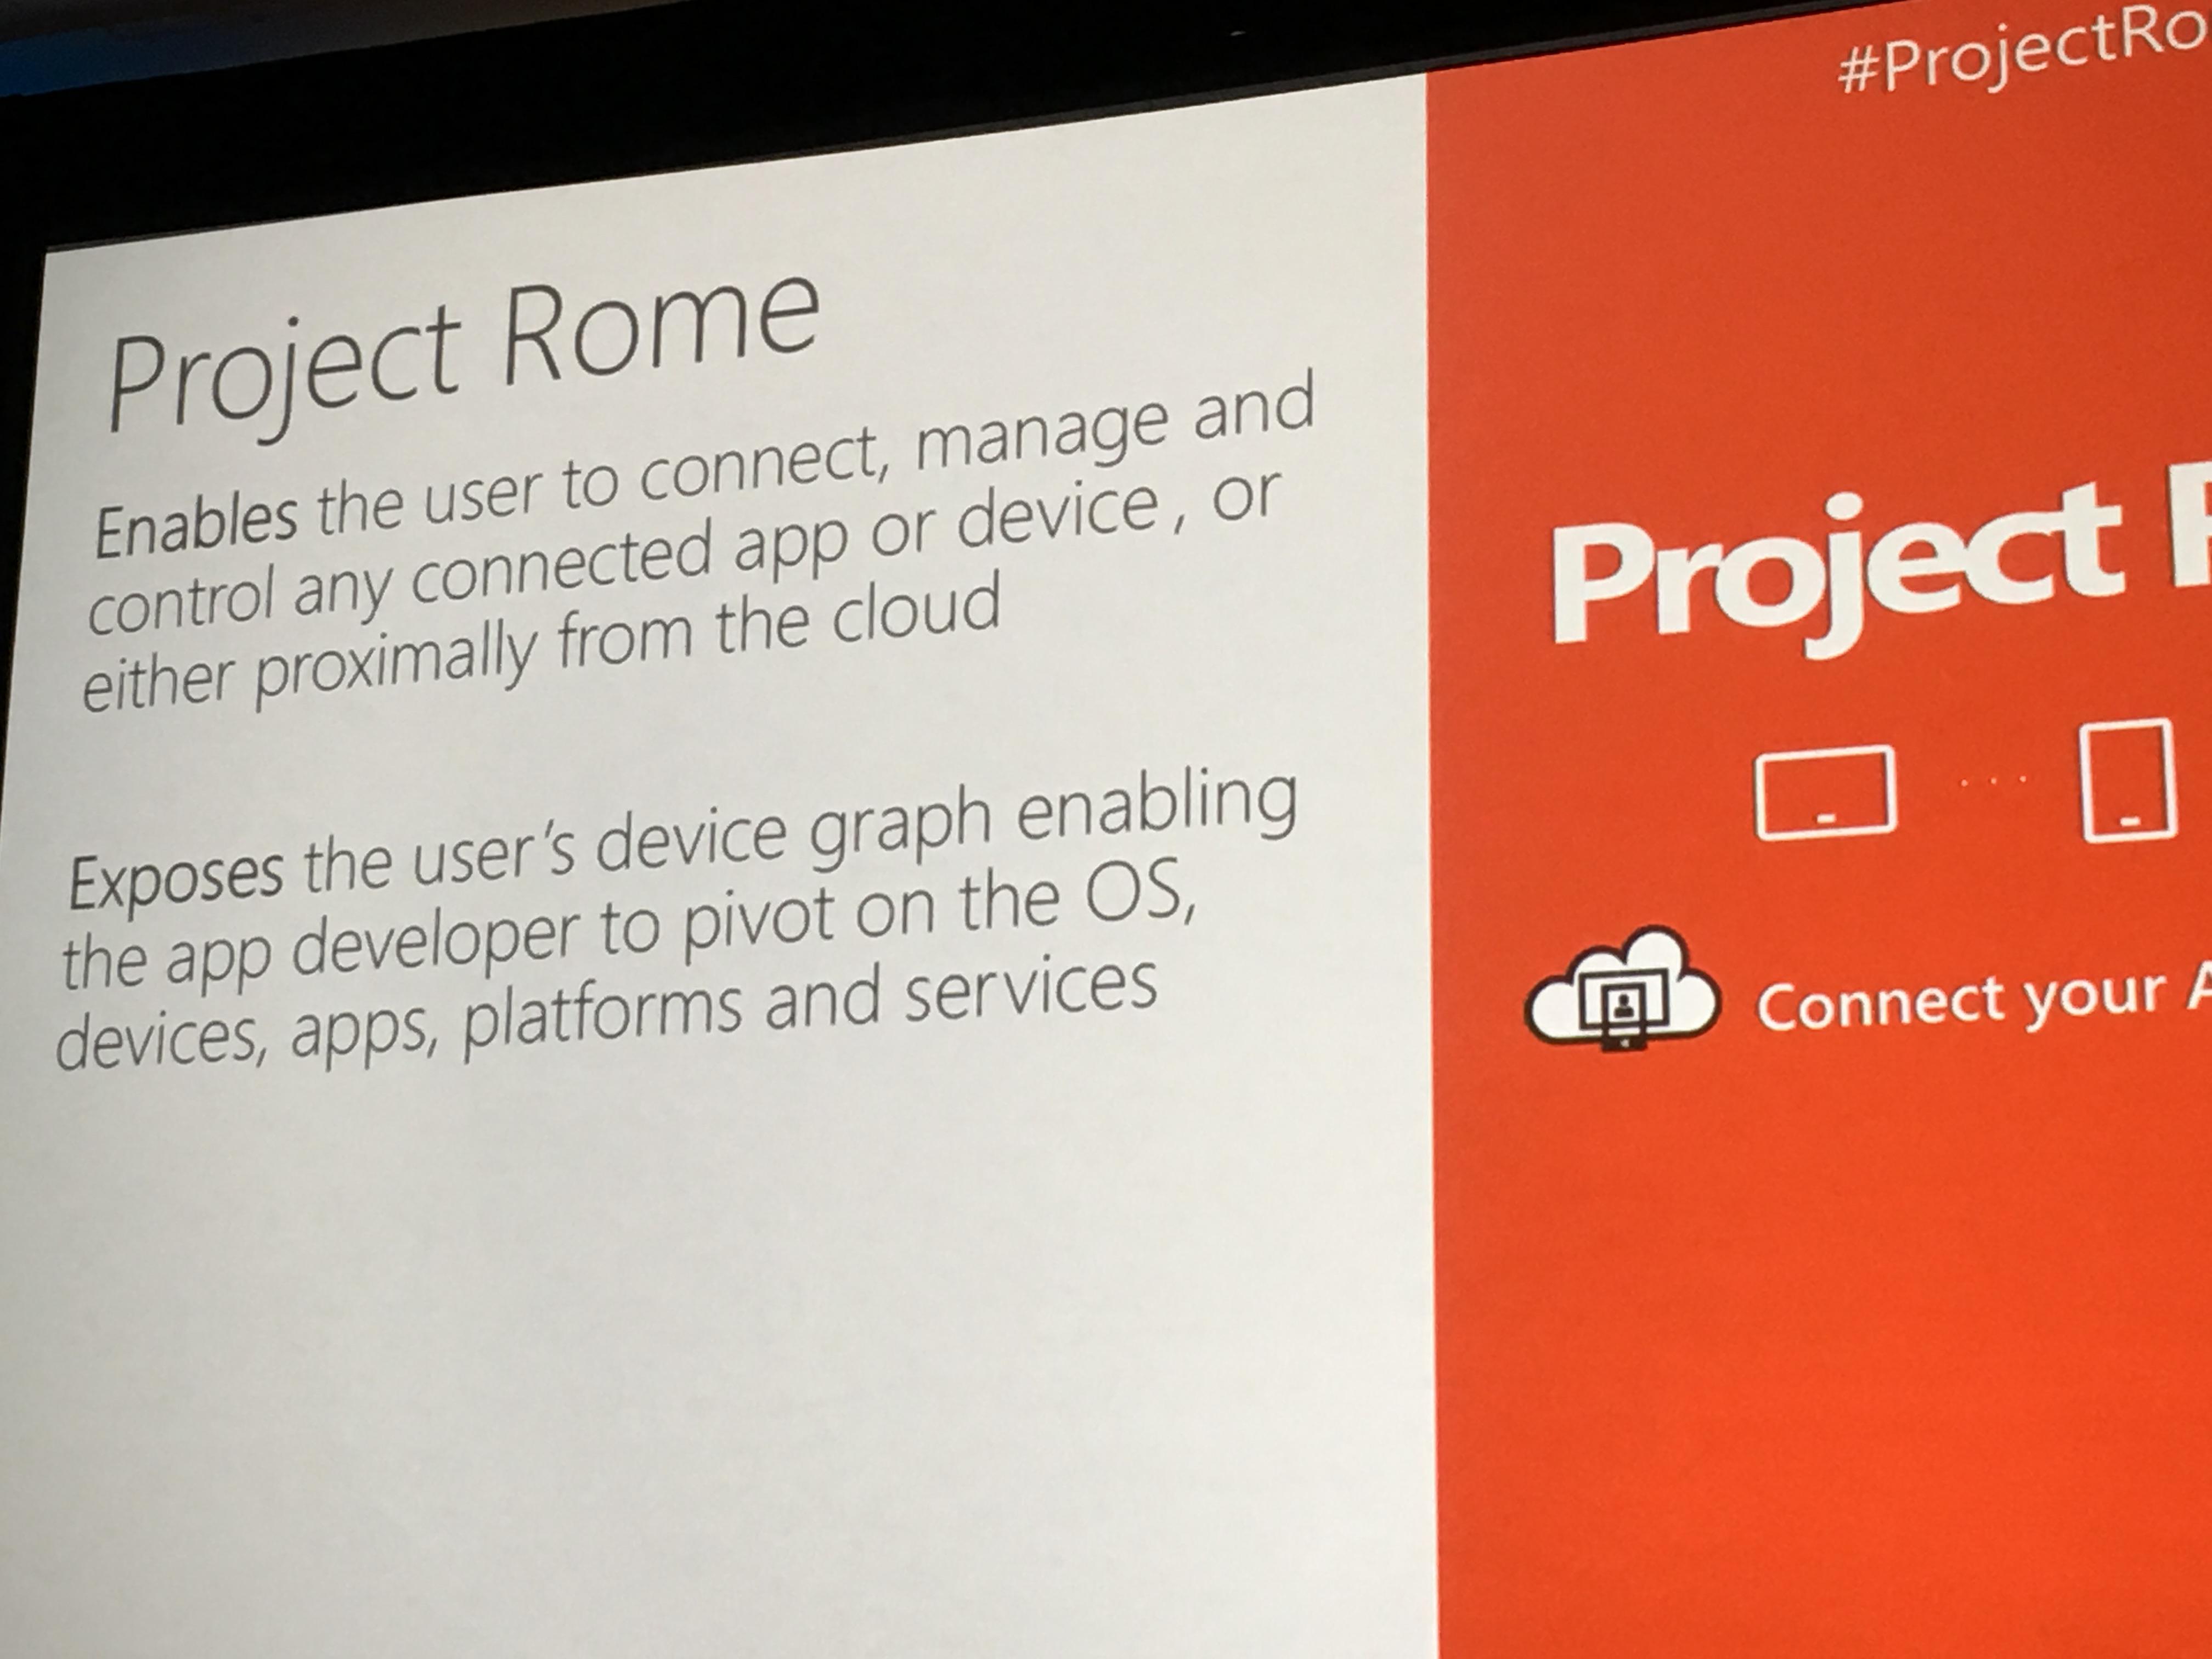 Project Rome handler om å koble sammen enhetene til brukeren sømløst - hvem orker vel kabler?